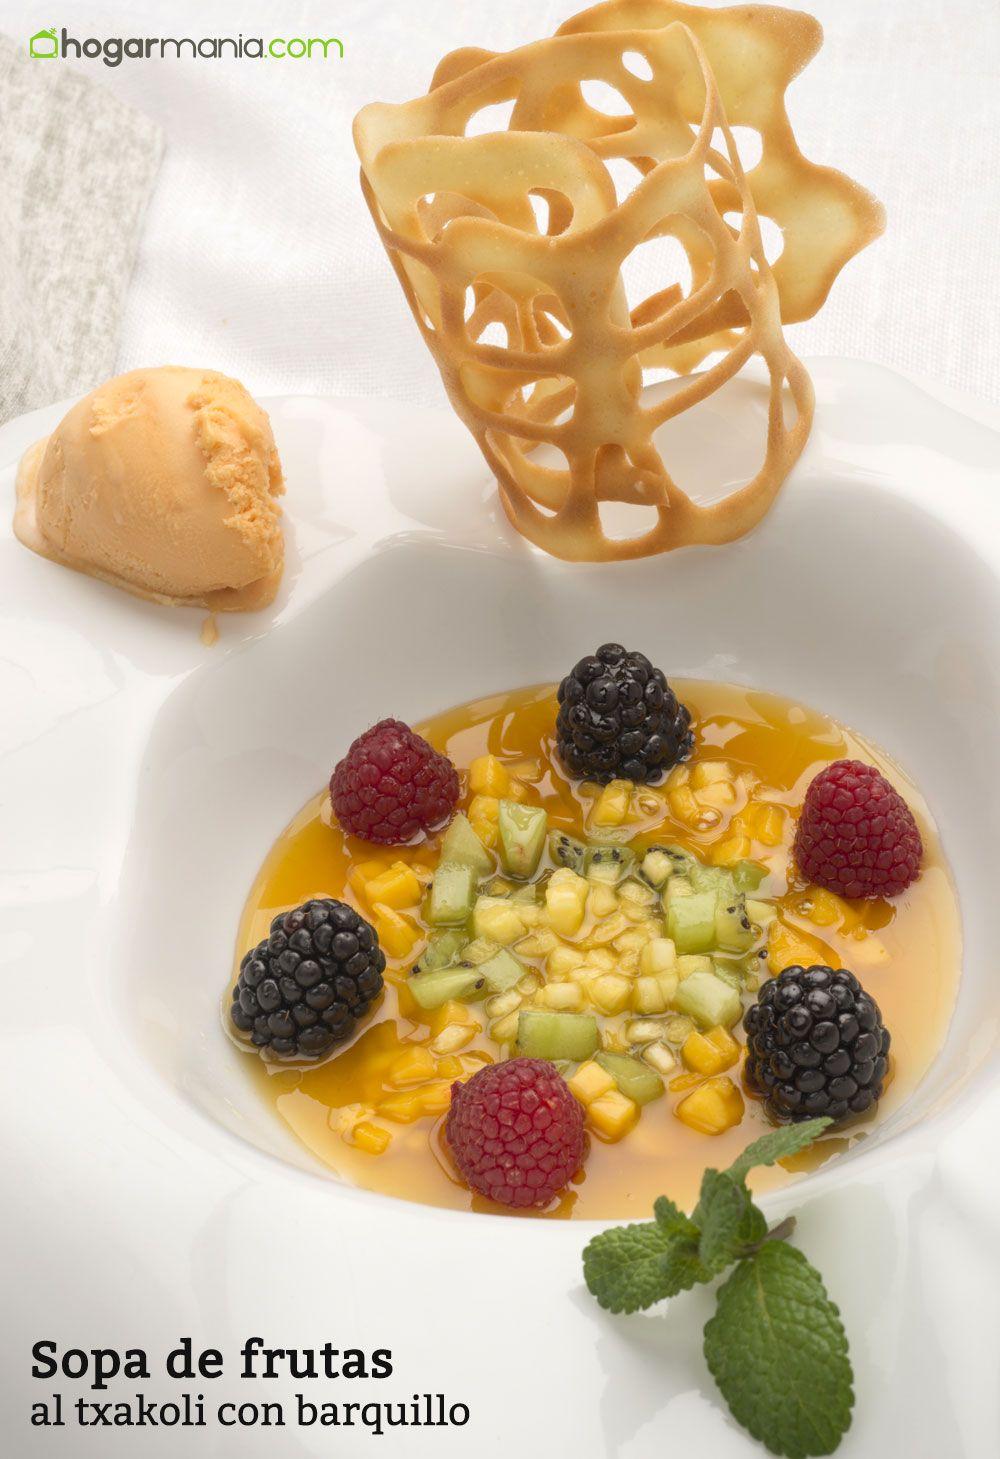 Sopa de frutas al txakoli con barquillo